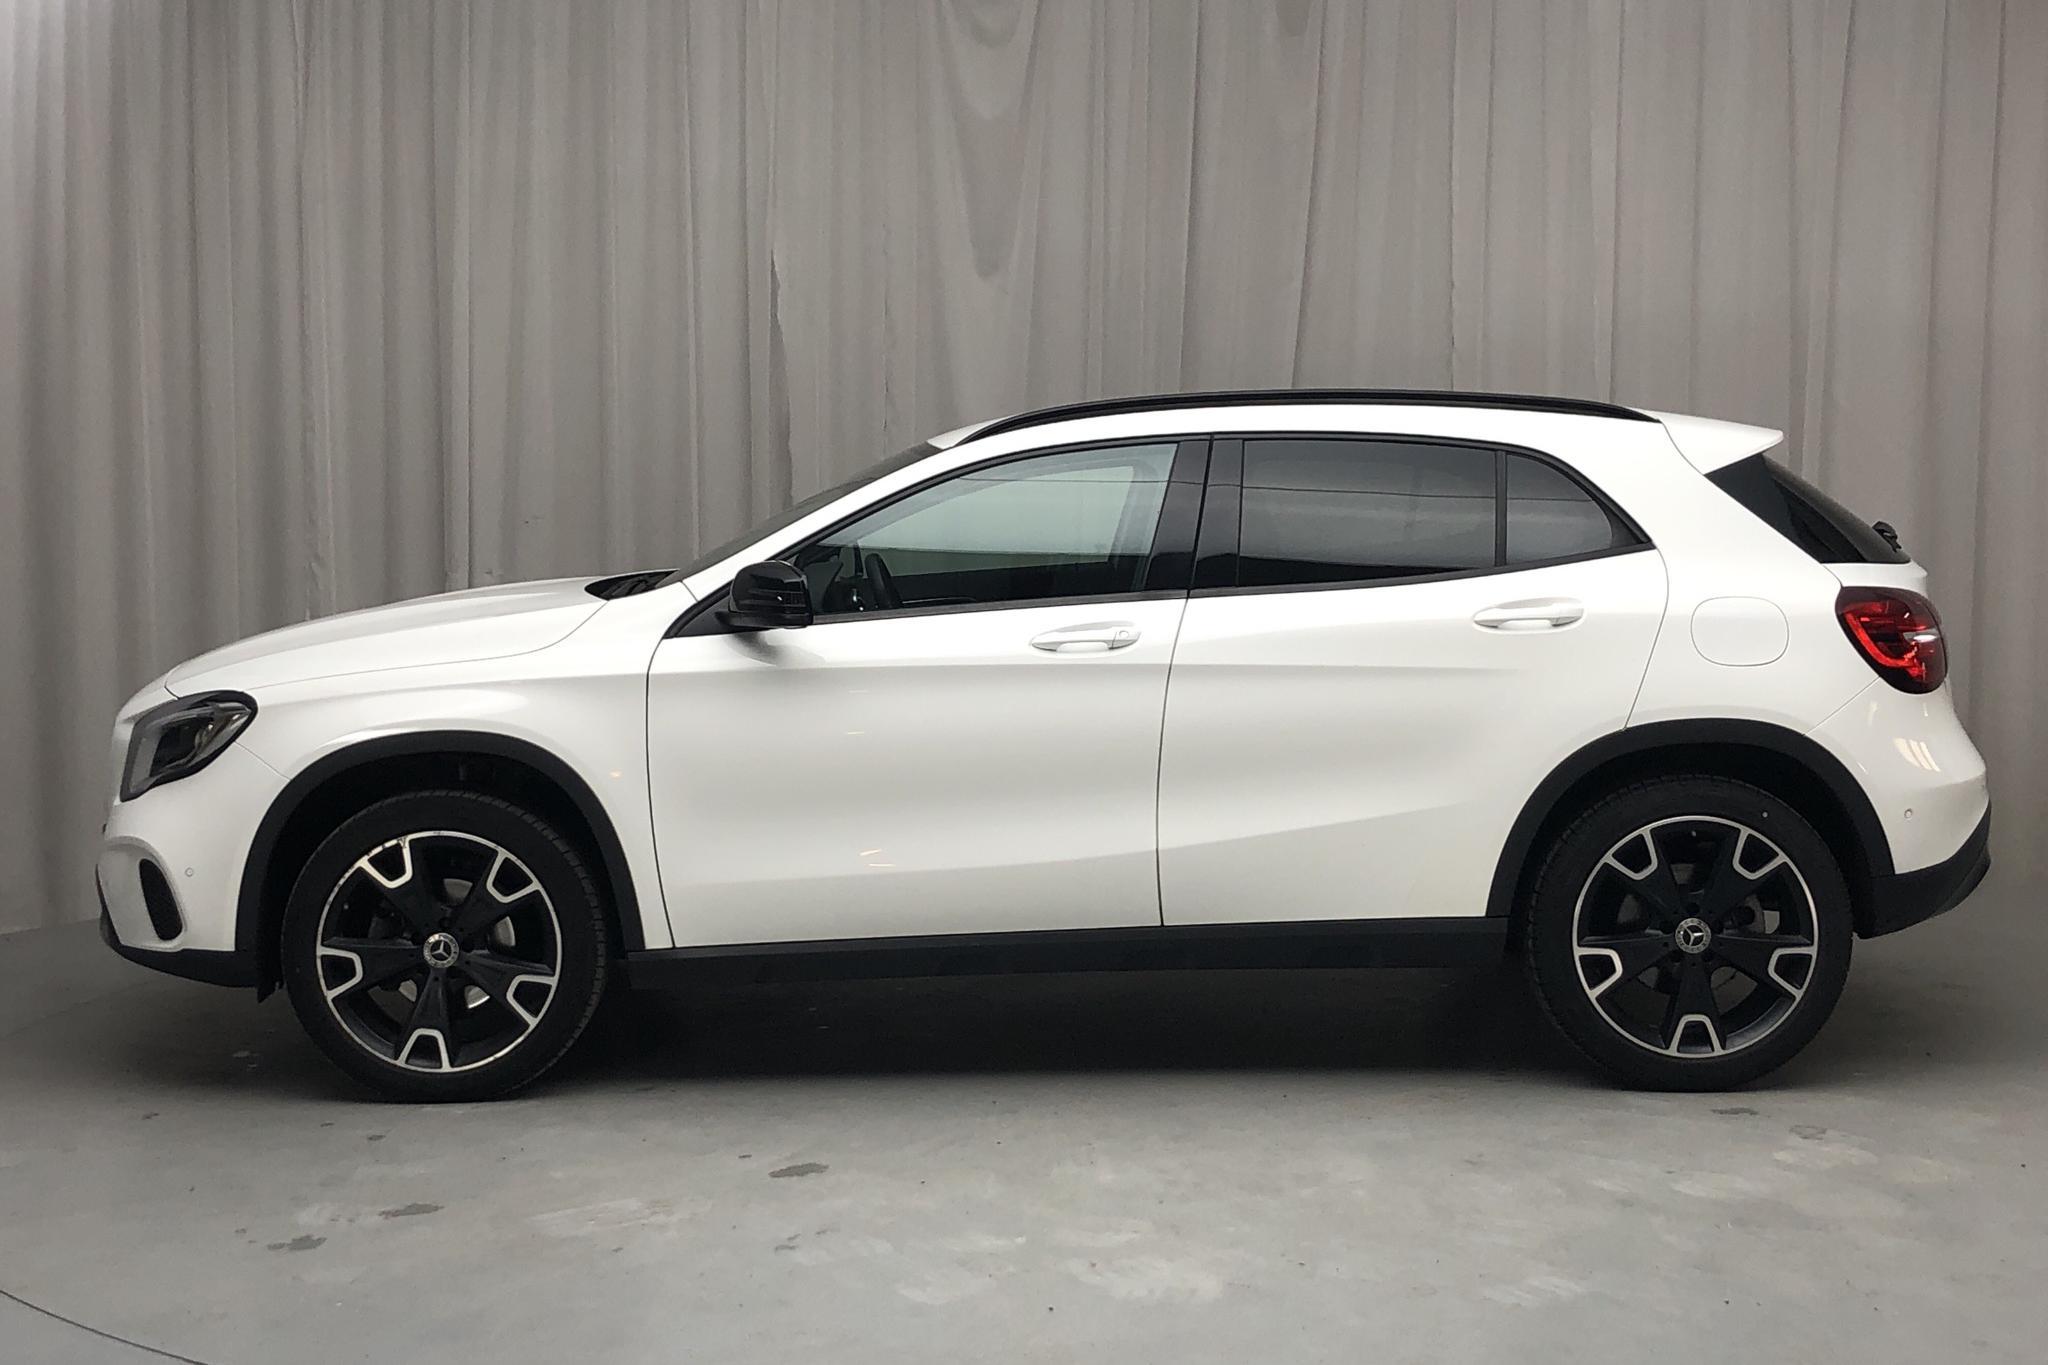 Mercedes GLA 180 d X156 (109hk) - 68 120 km - Manual - white - 2018